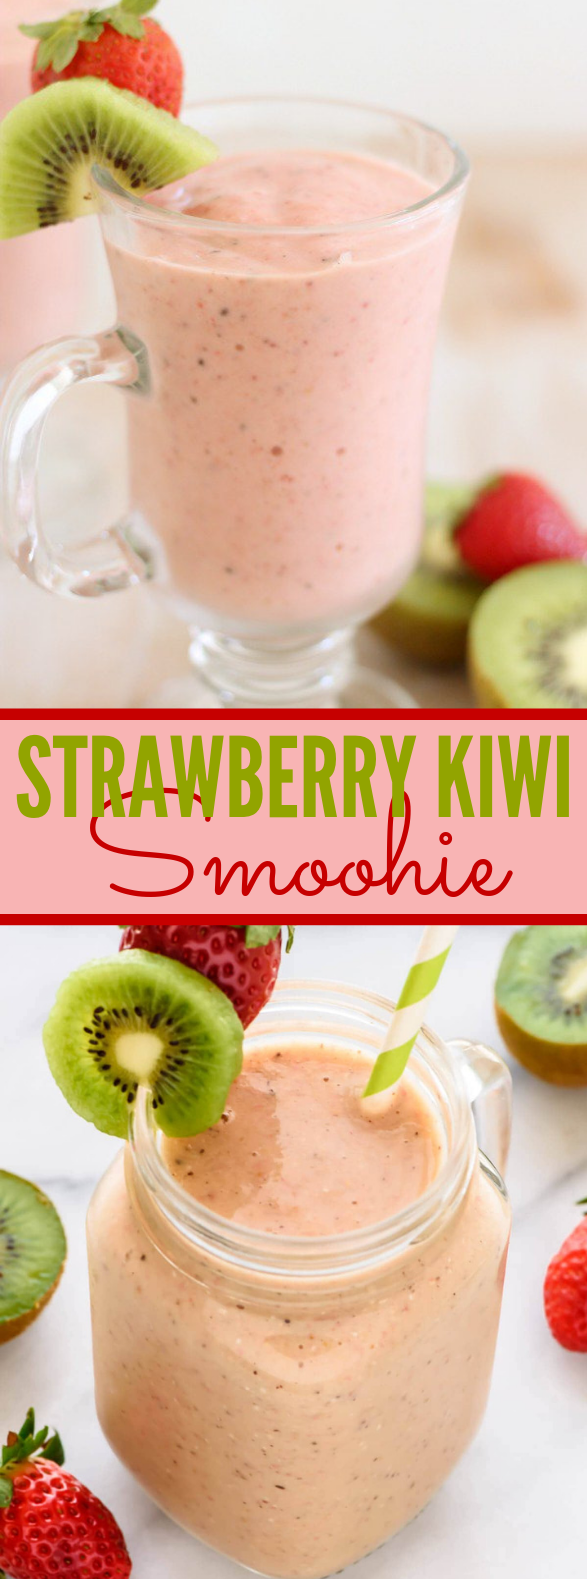 STRAWBERRY KIWI SMOOTHIE #drinks #breakfast